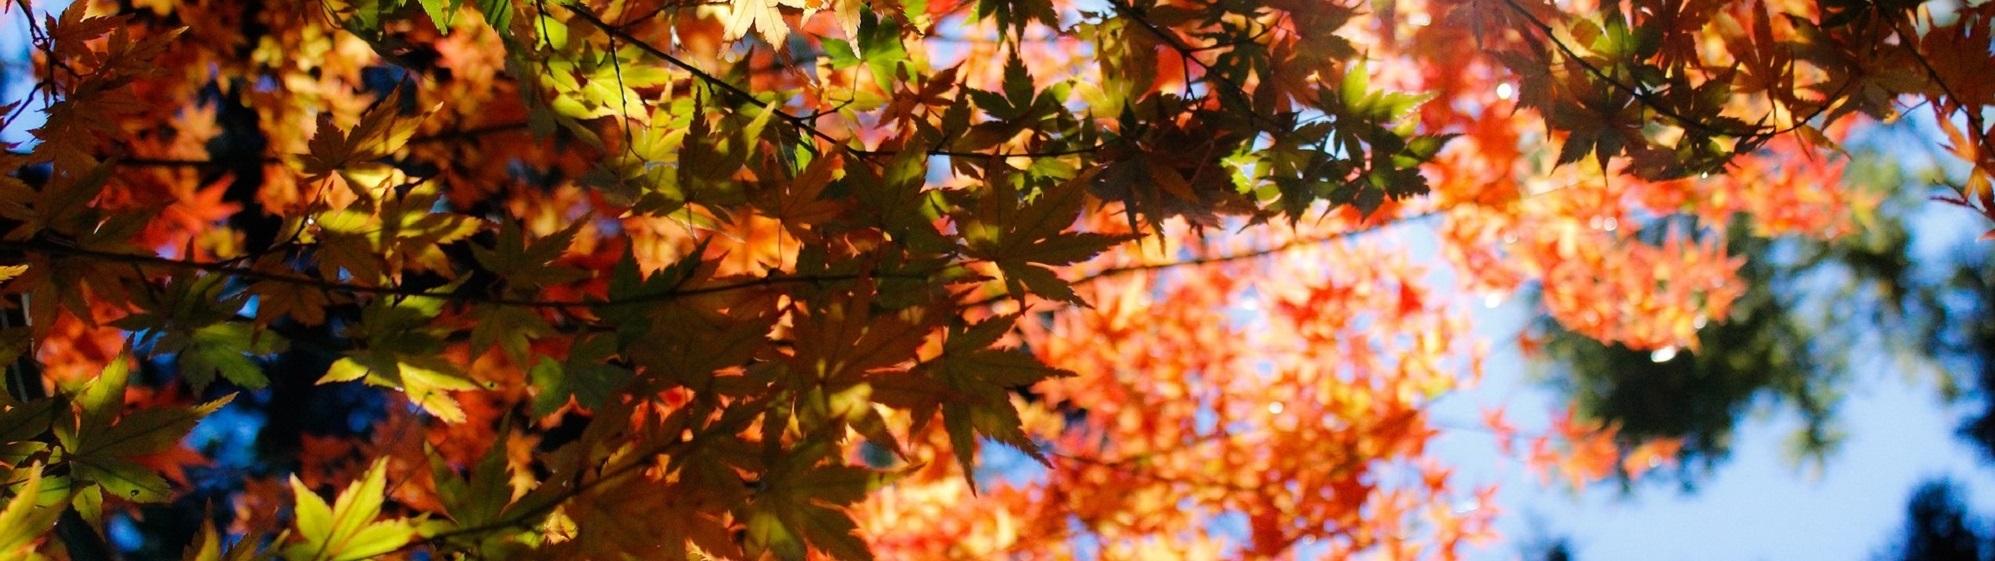 autumn-1209802_1920